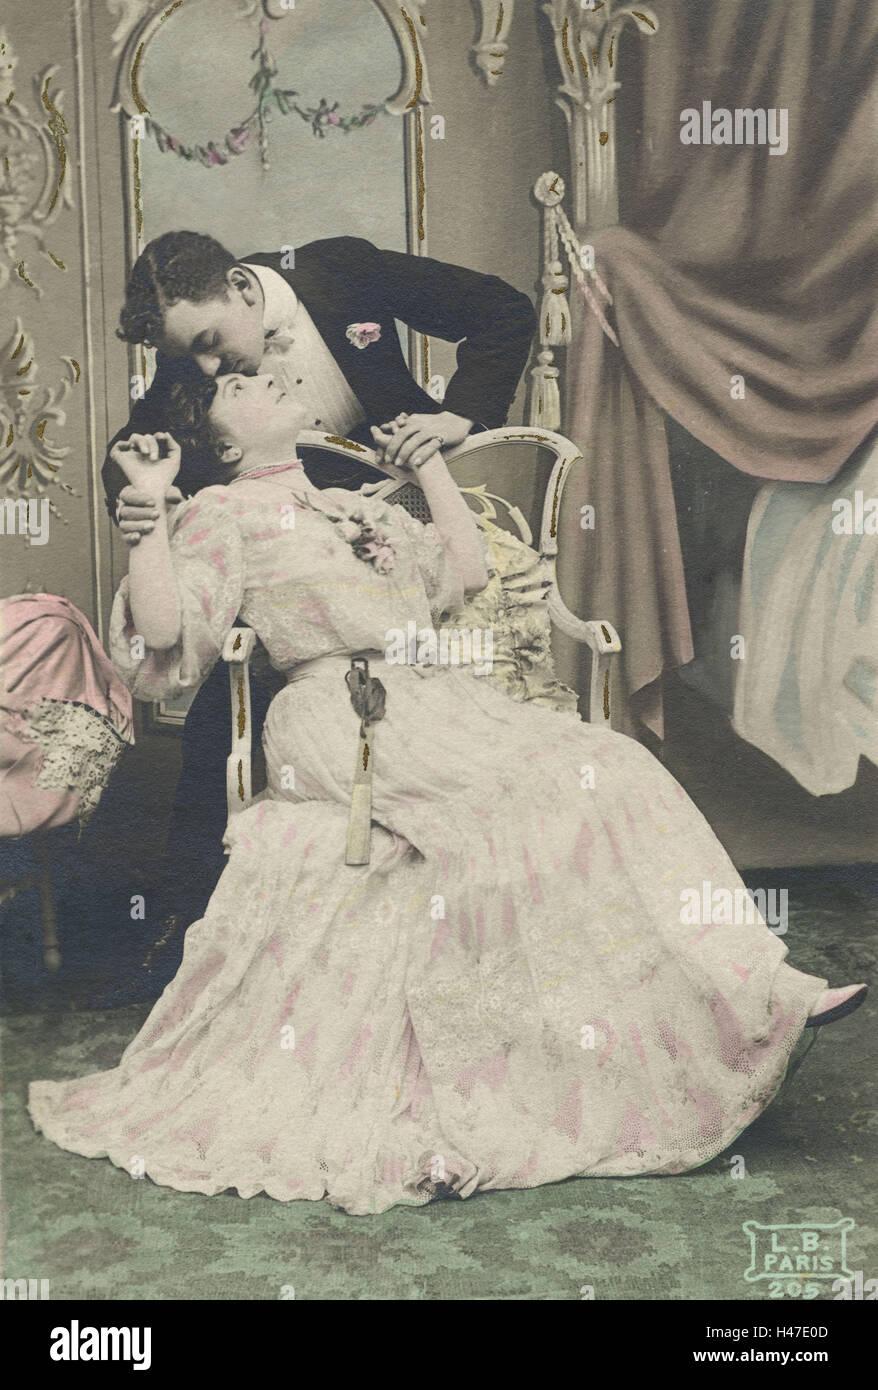 Nostalgie, couple, romantique, tendresse, Kiss, carte postale, nostalgique, Photo Stock